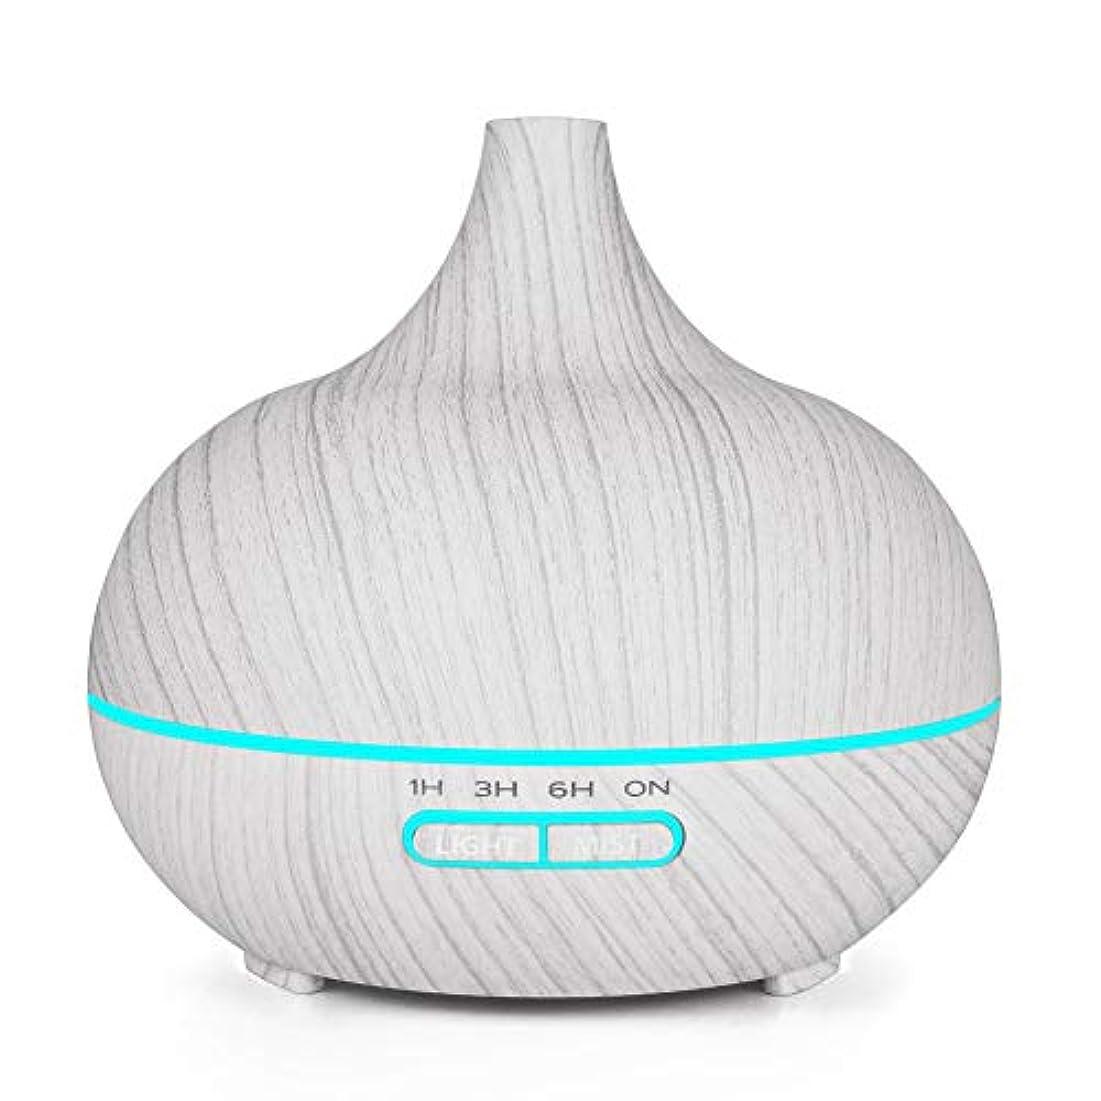 膿瘍資金軌道木目 涼しい霧 加湿器,7 色 空気を浄化 加湿機 時間 手動 香り 精油 ディフューザー アロマネブライザー Yoga ベッド- 400ml